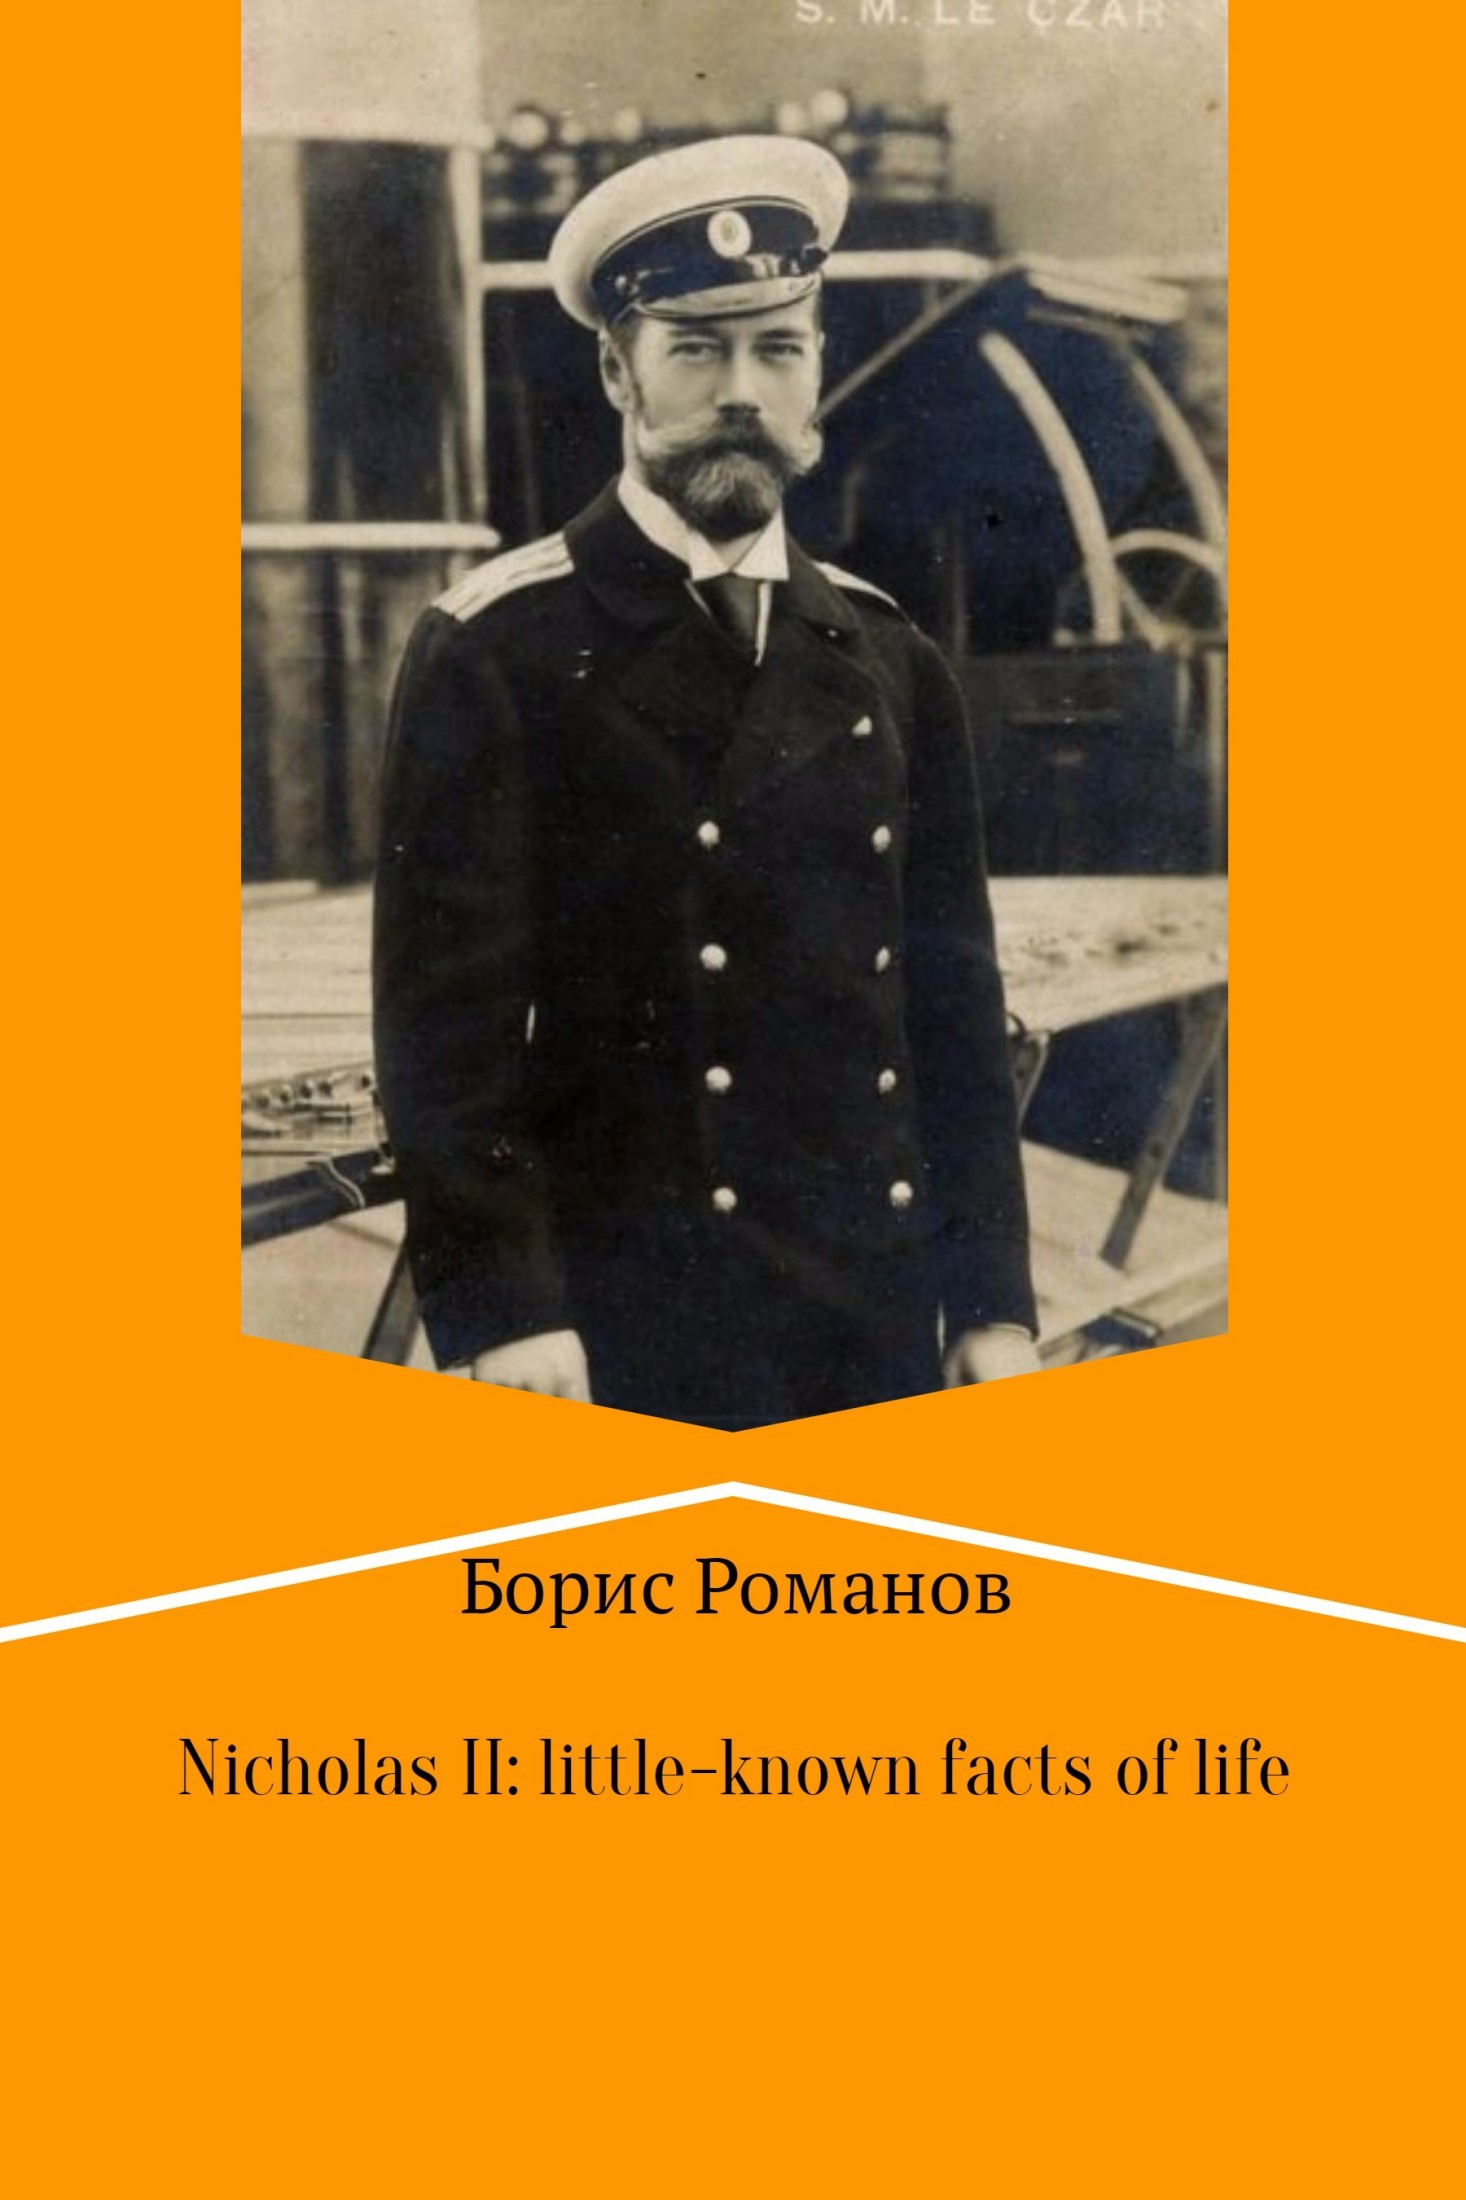 Борис Романов - Nicholas II of Russia: little-known facts of life